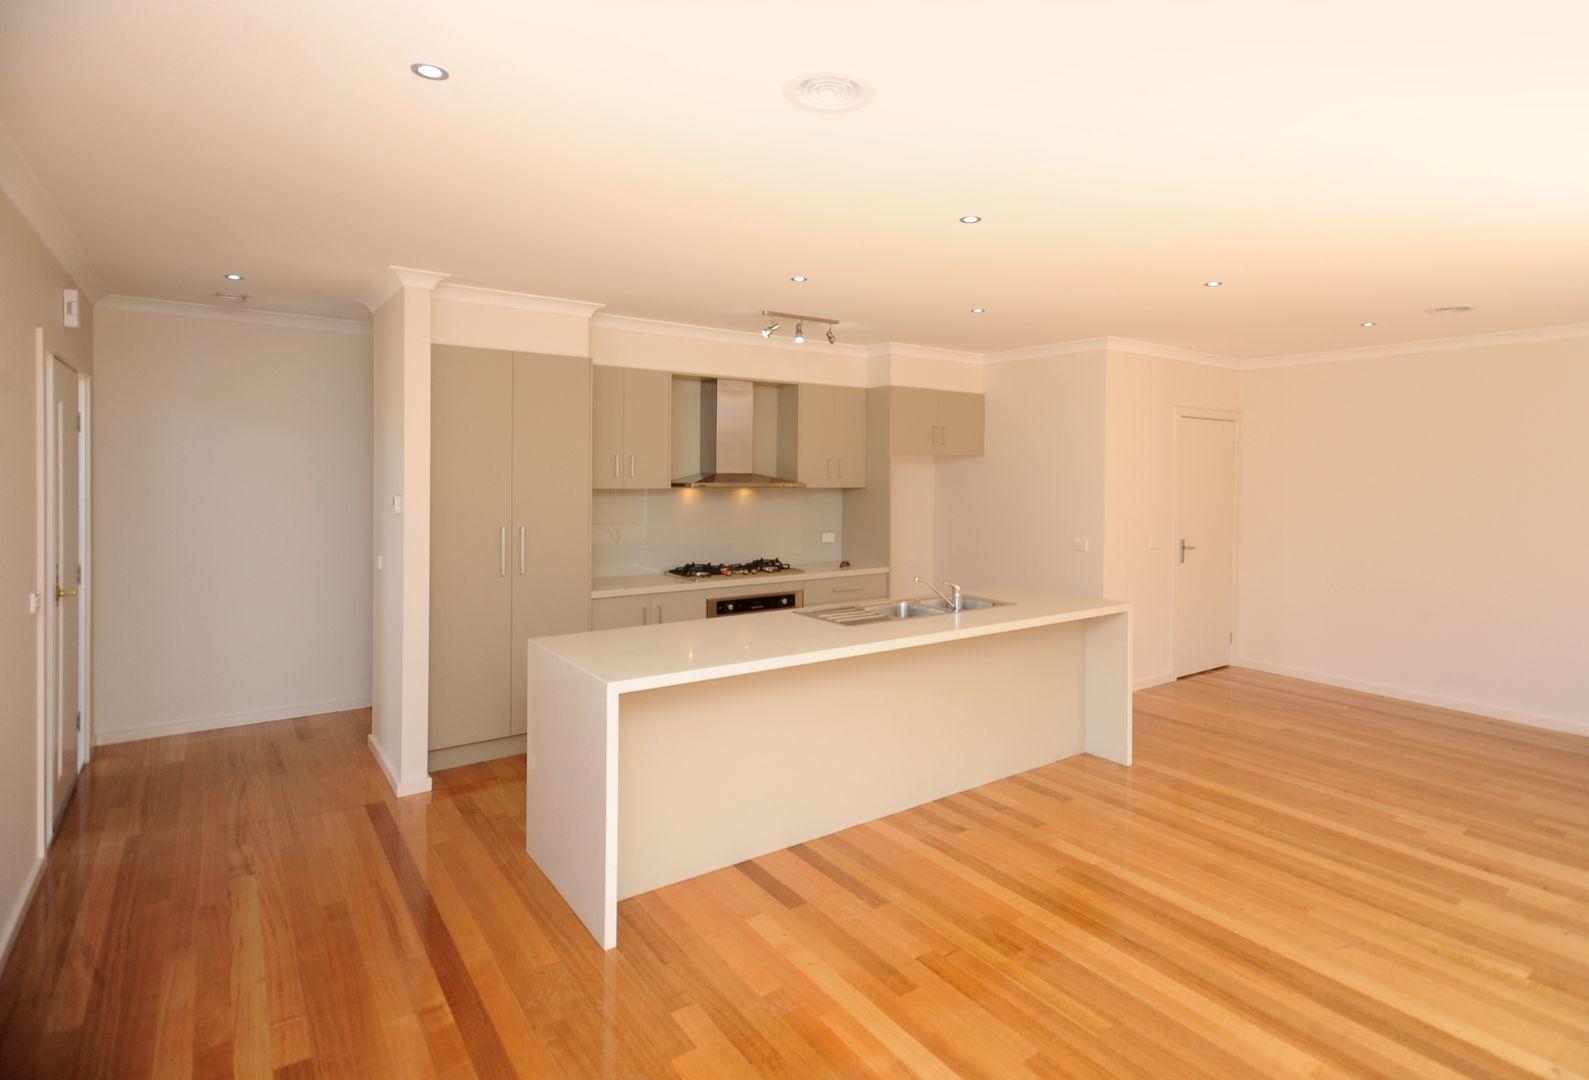 2/526 Ryrie  Street, East Geelong VIC 3219, Image 2